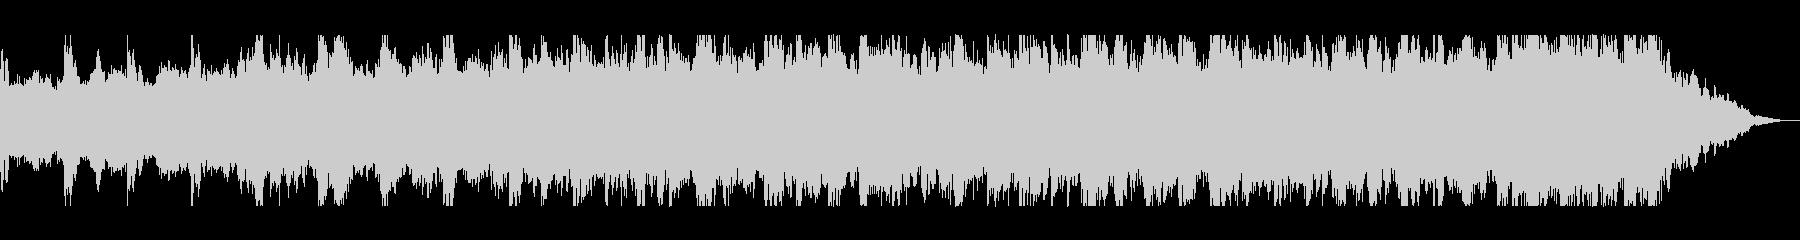 オーケストラのダイナミックサウンドの未再生の波形